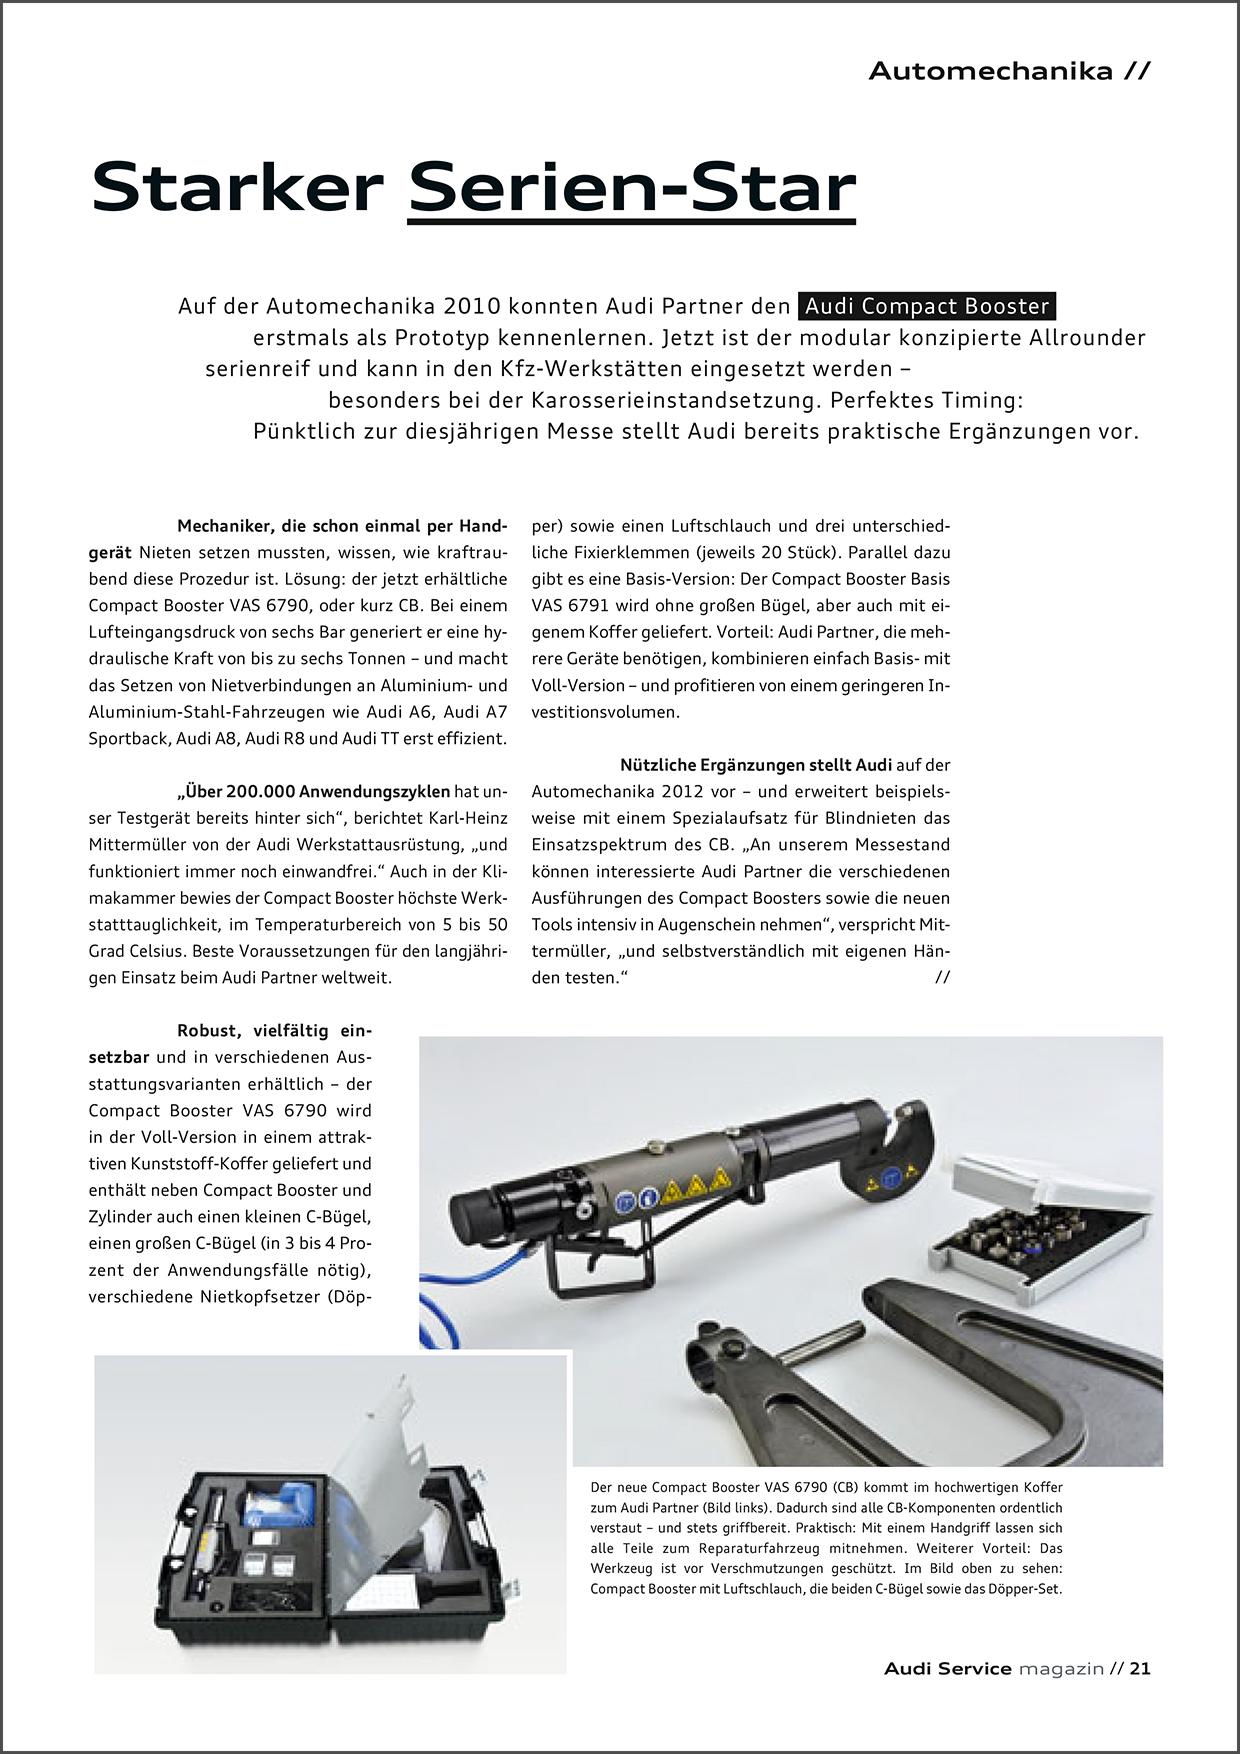 Großartig Layout Eines Kabelgebundenen Magazins Fotos - Der ...